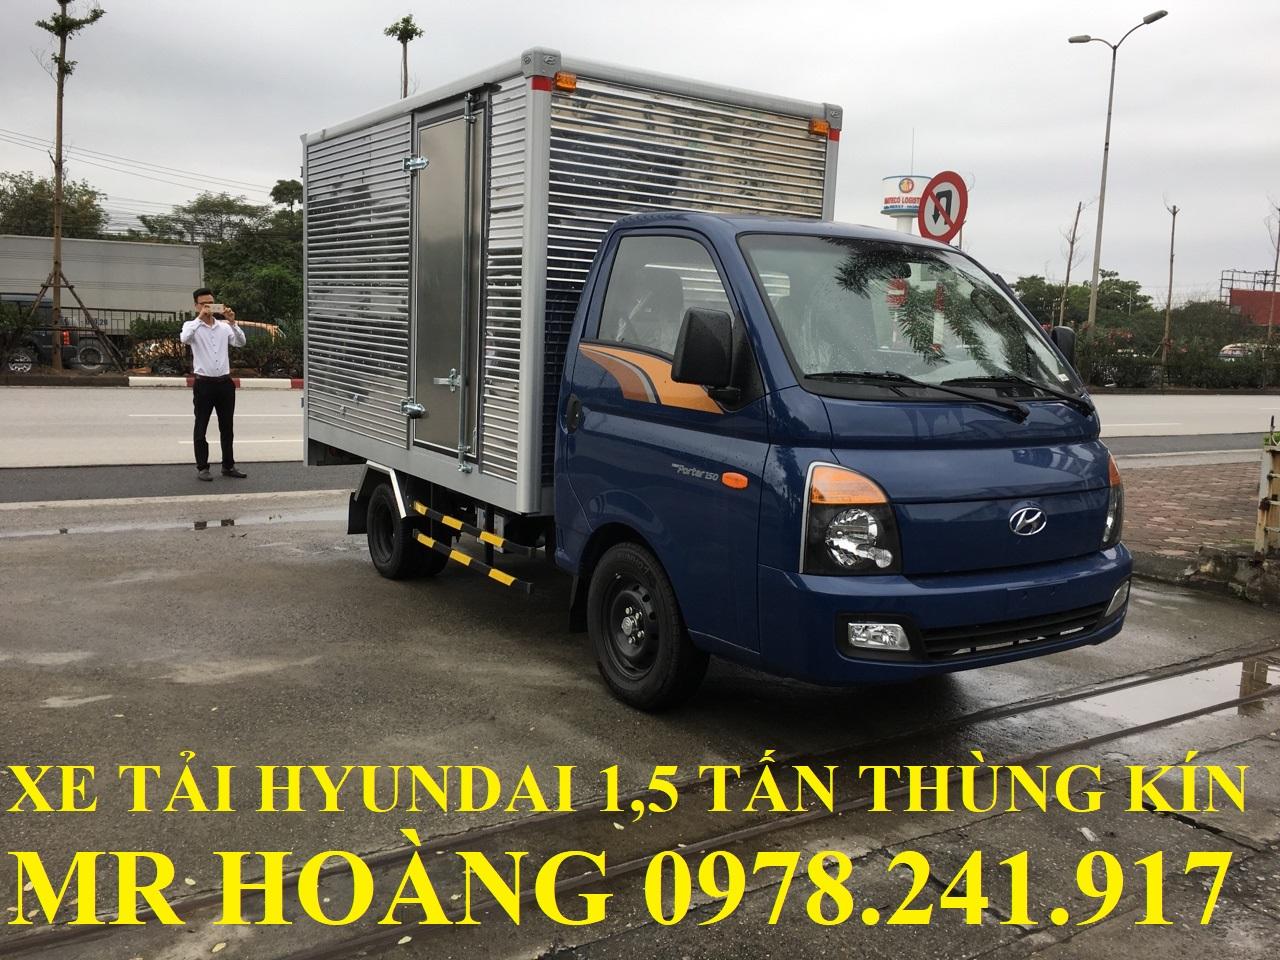 Xe tải HYUNDAI 1,5 tấn 1,25 tấn H150 giá rẻ